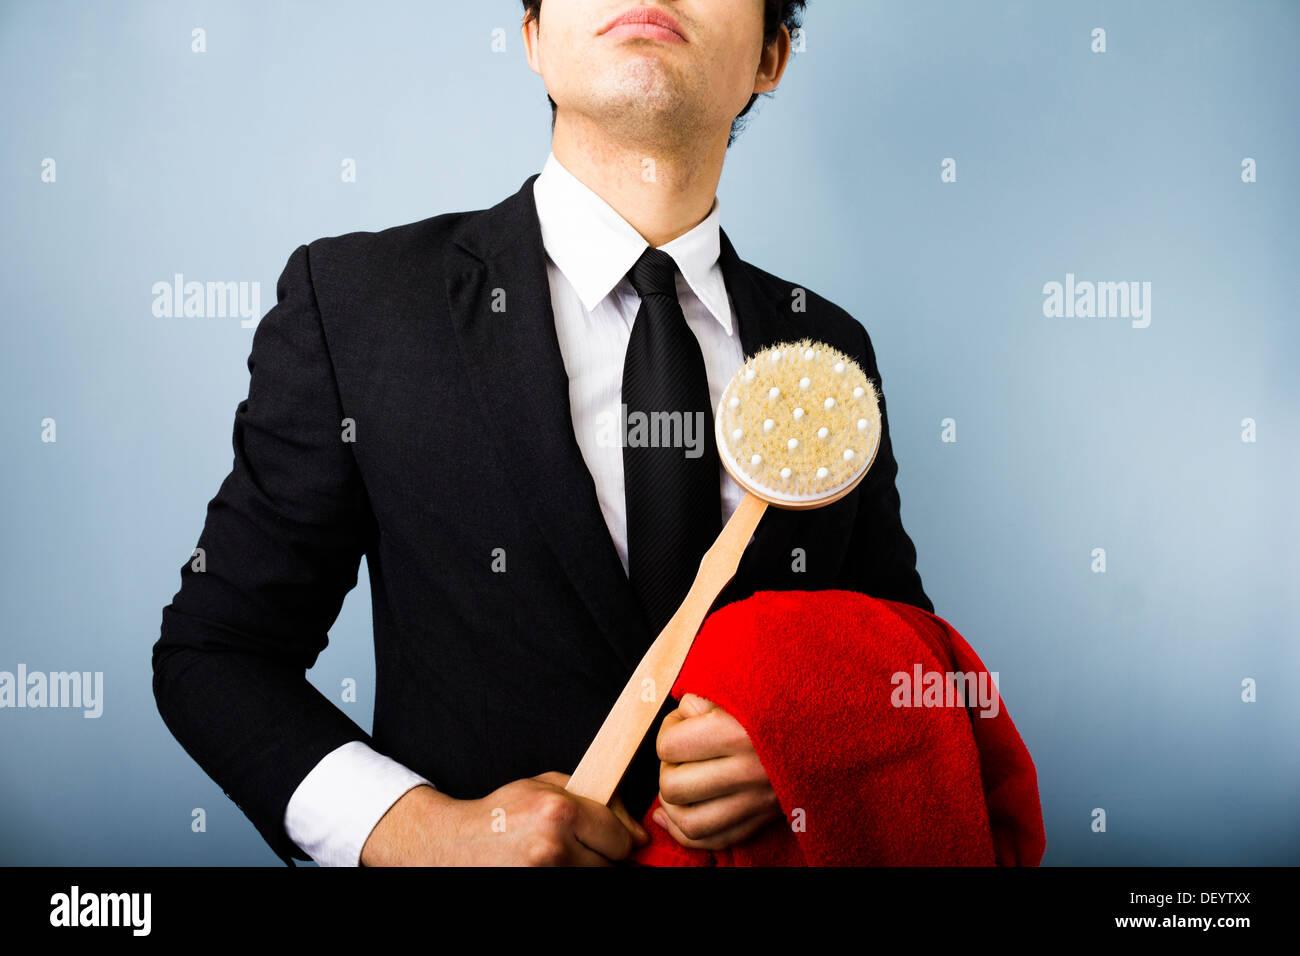 Jeune homme avec une serviette rouge brosse douche Photo Stock